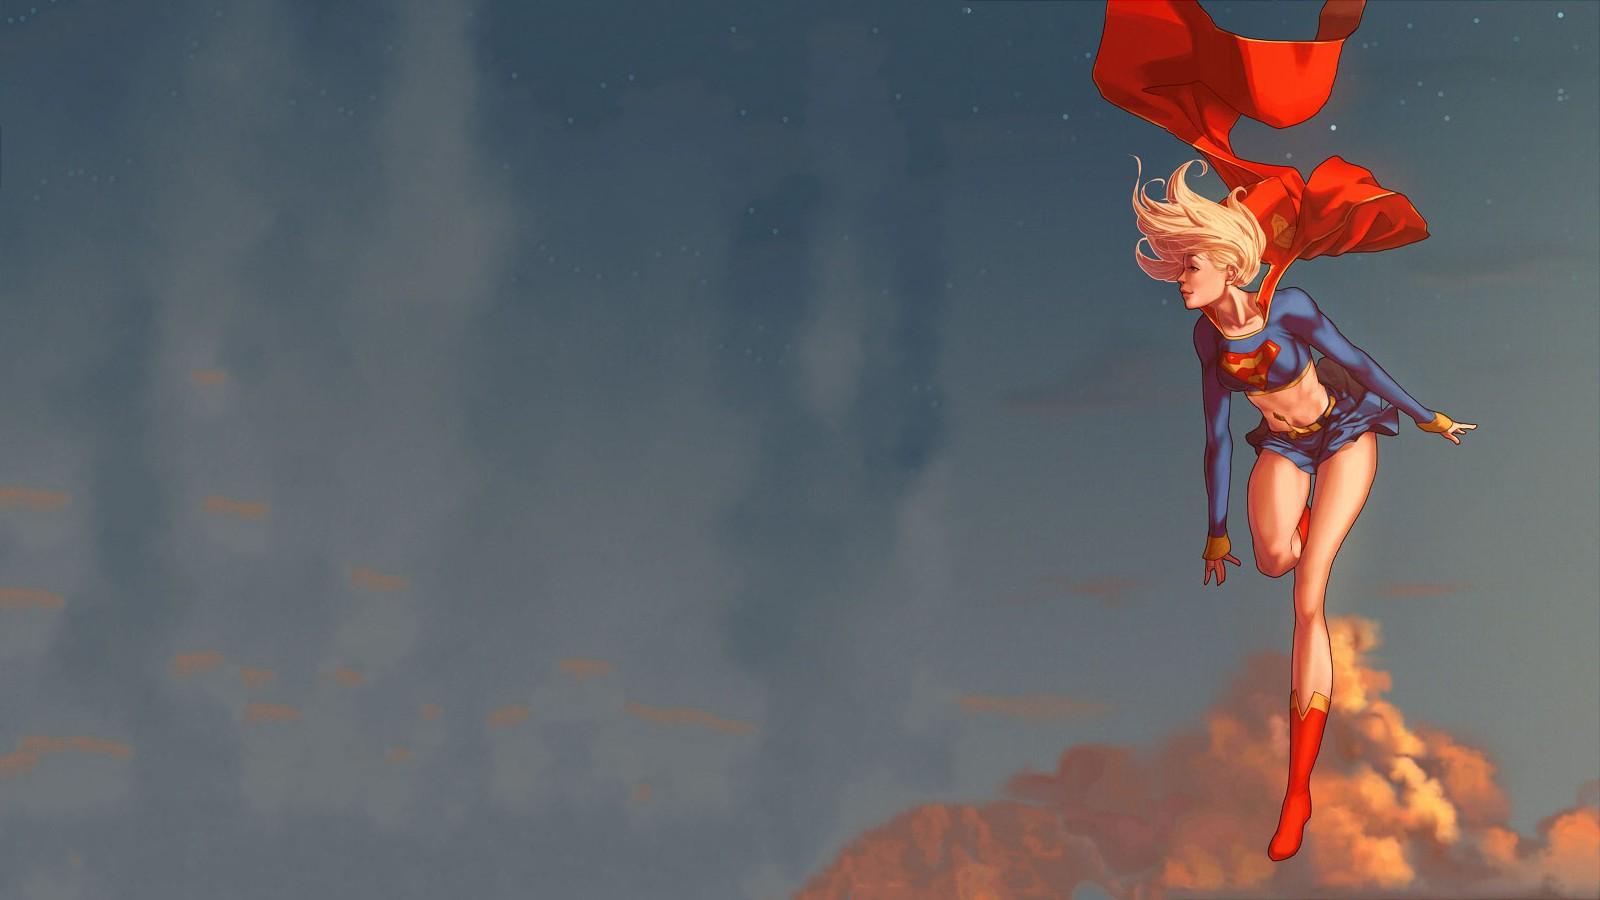 3d Superwoman Wallpaper Supergirl Superman Dc Comics Superhero Wallpapers Hd